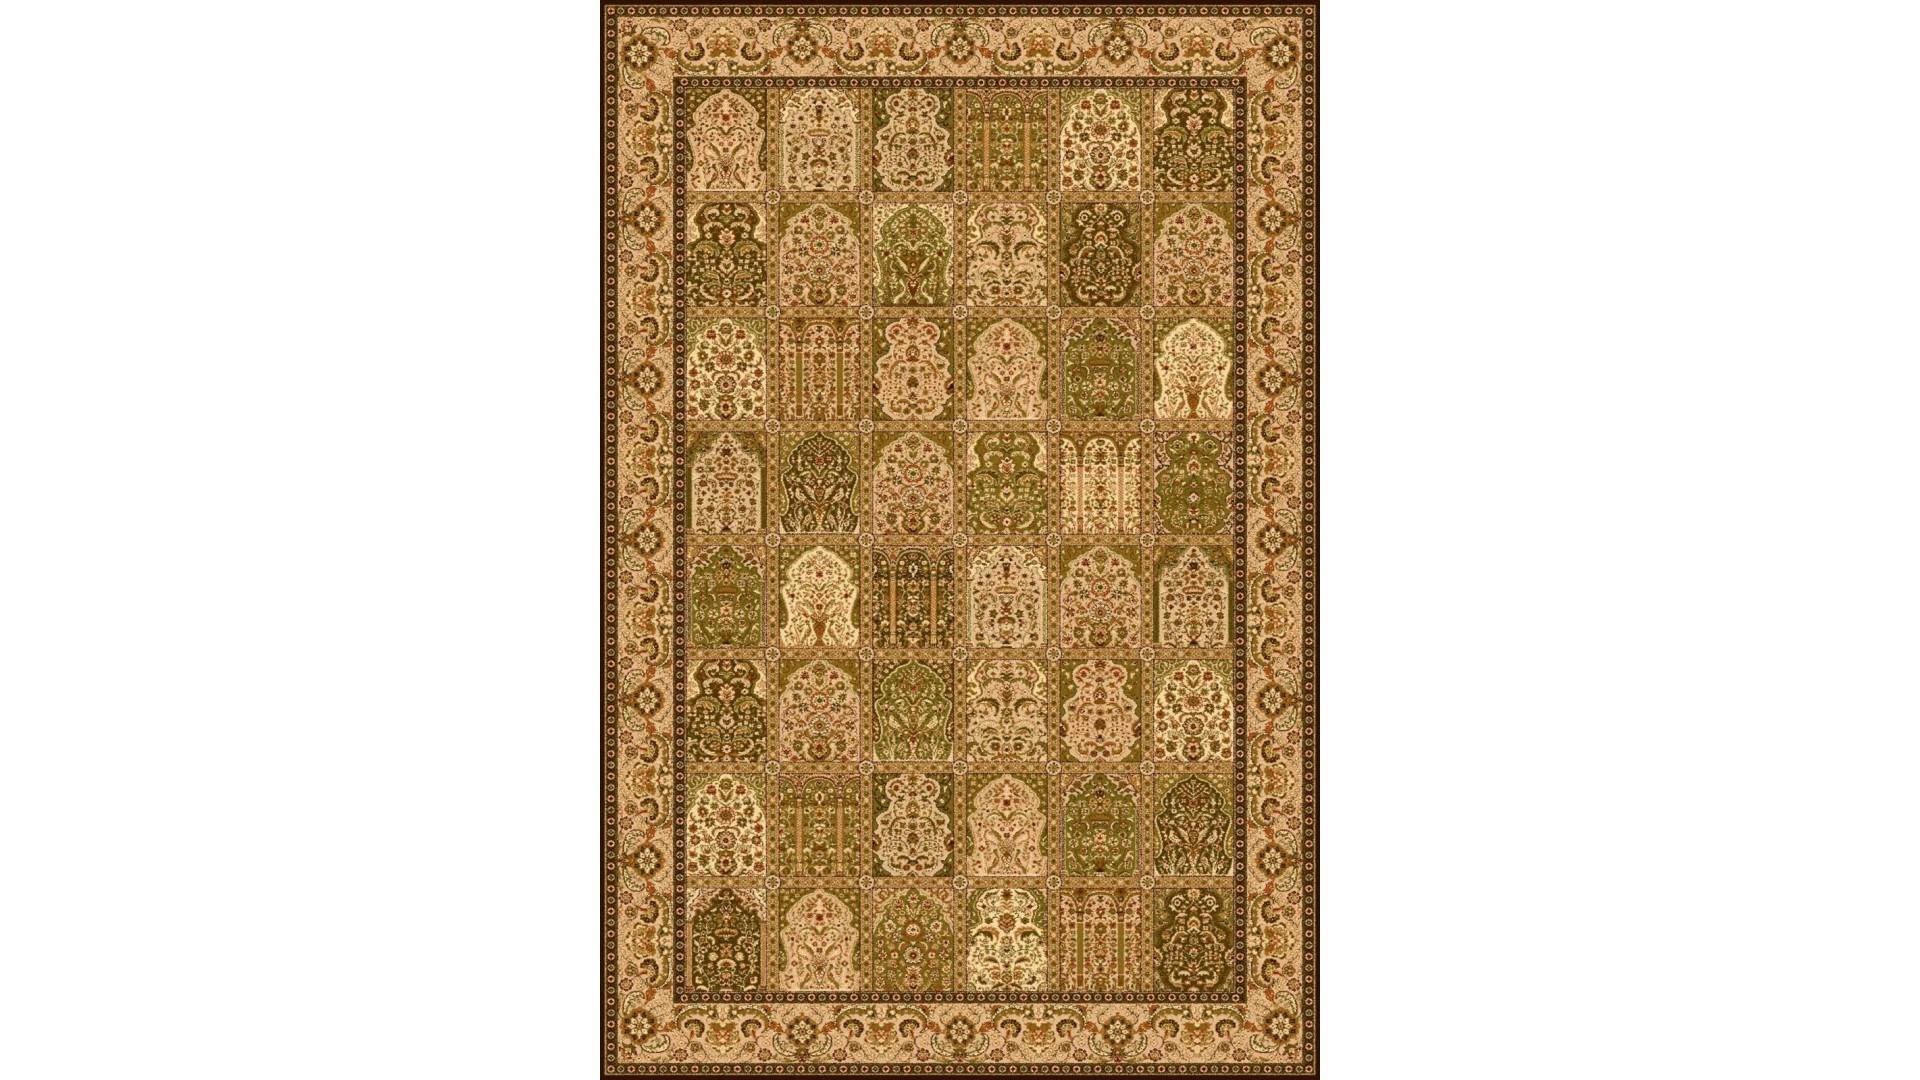 Wełniany dywan do salonu.